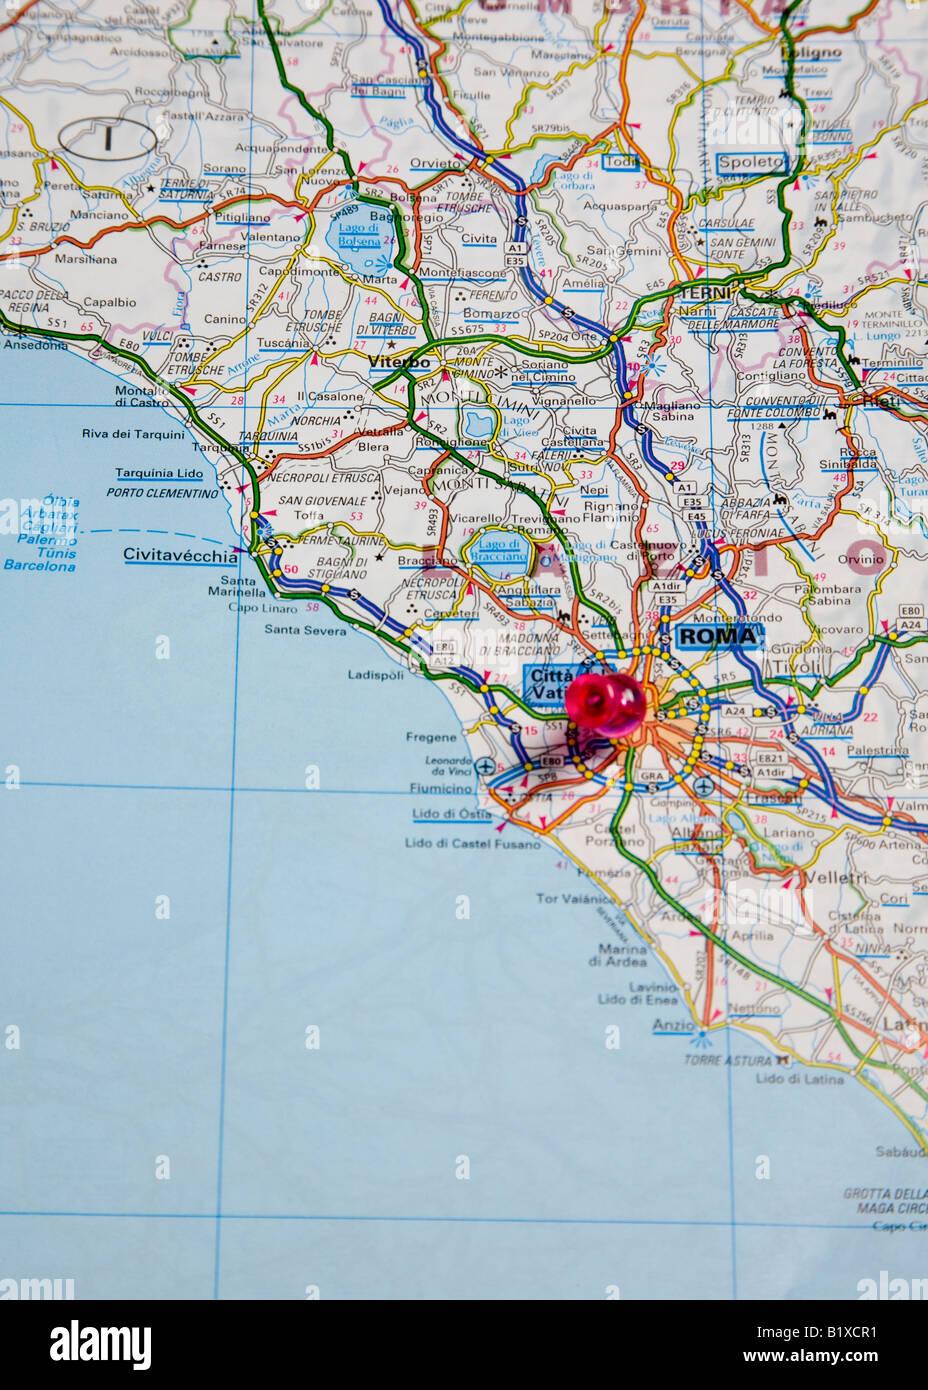 Cartina Dettagliata Roma.Mappa Di Roma Immagini E Fotos Stock Alamy